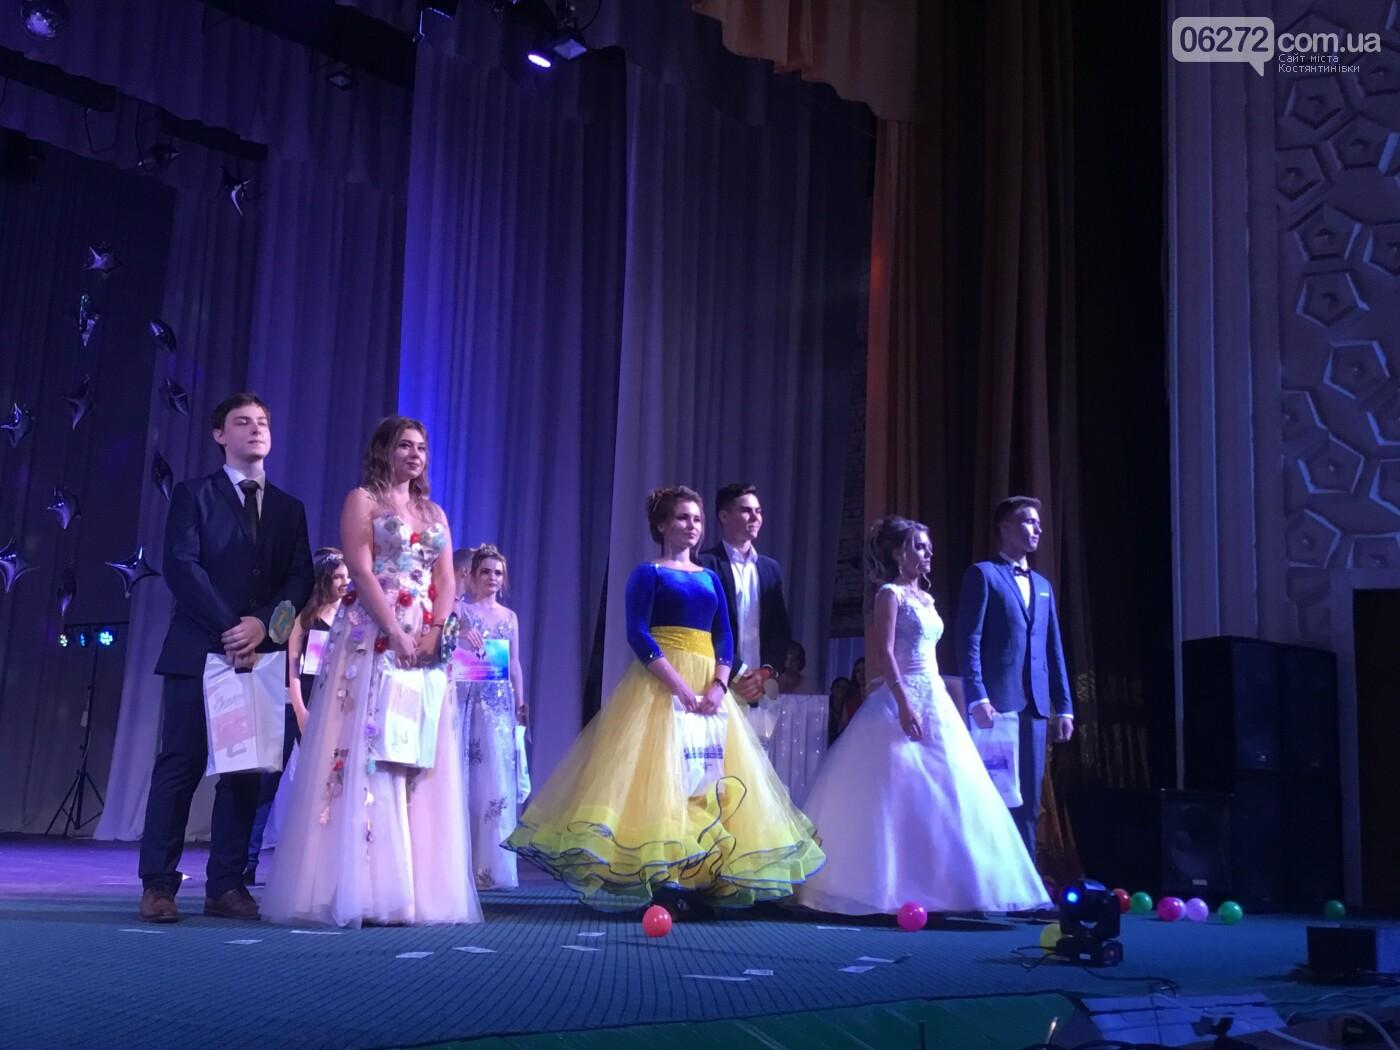 У Костянтинівці обрали Містера і Міс випуск-2019, фото-12